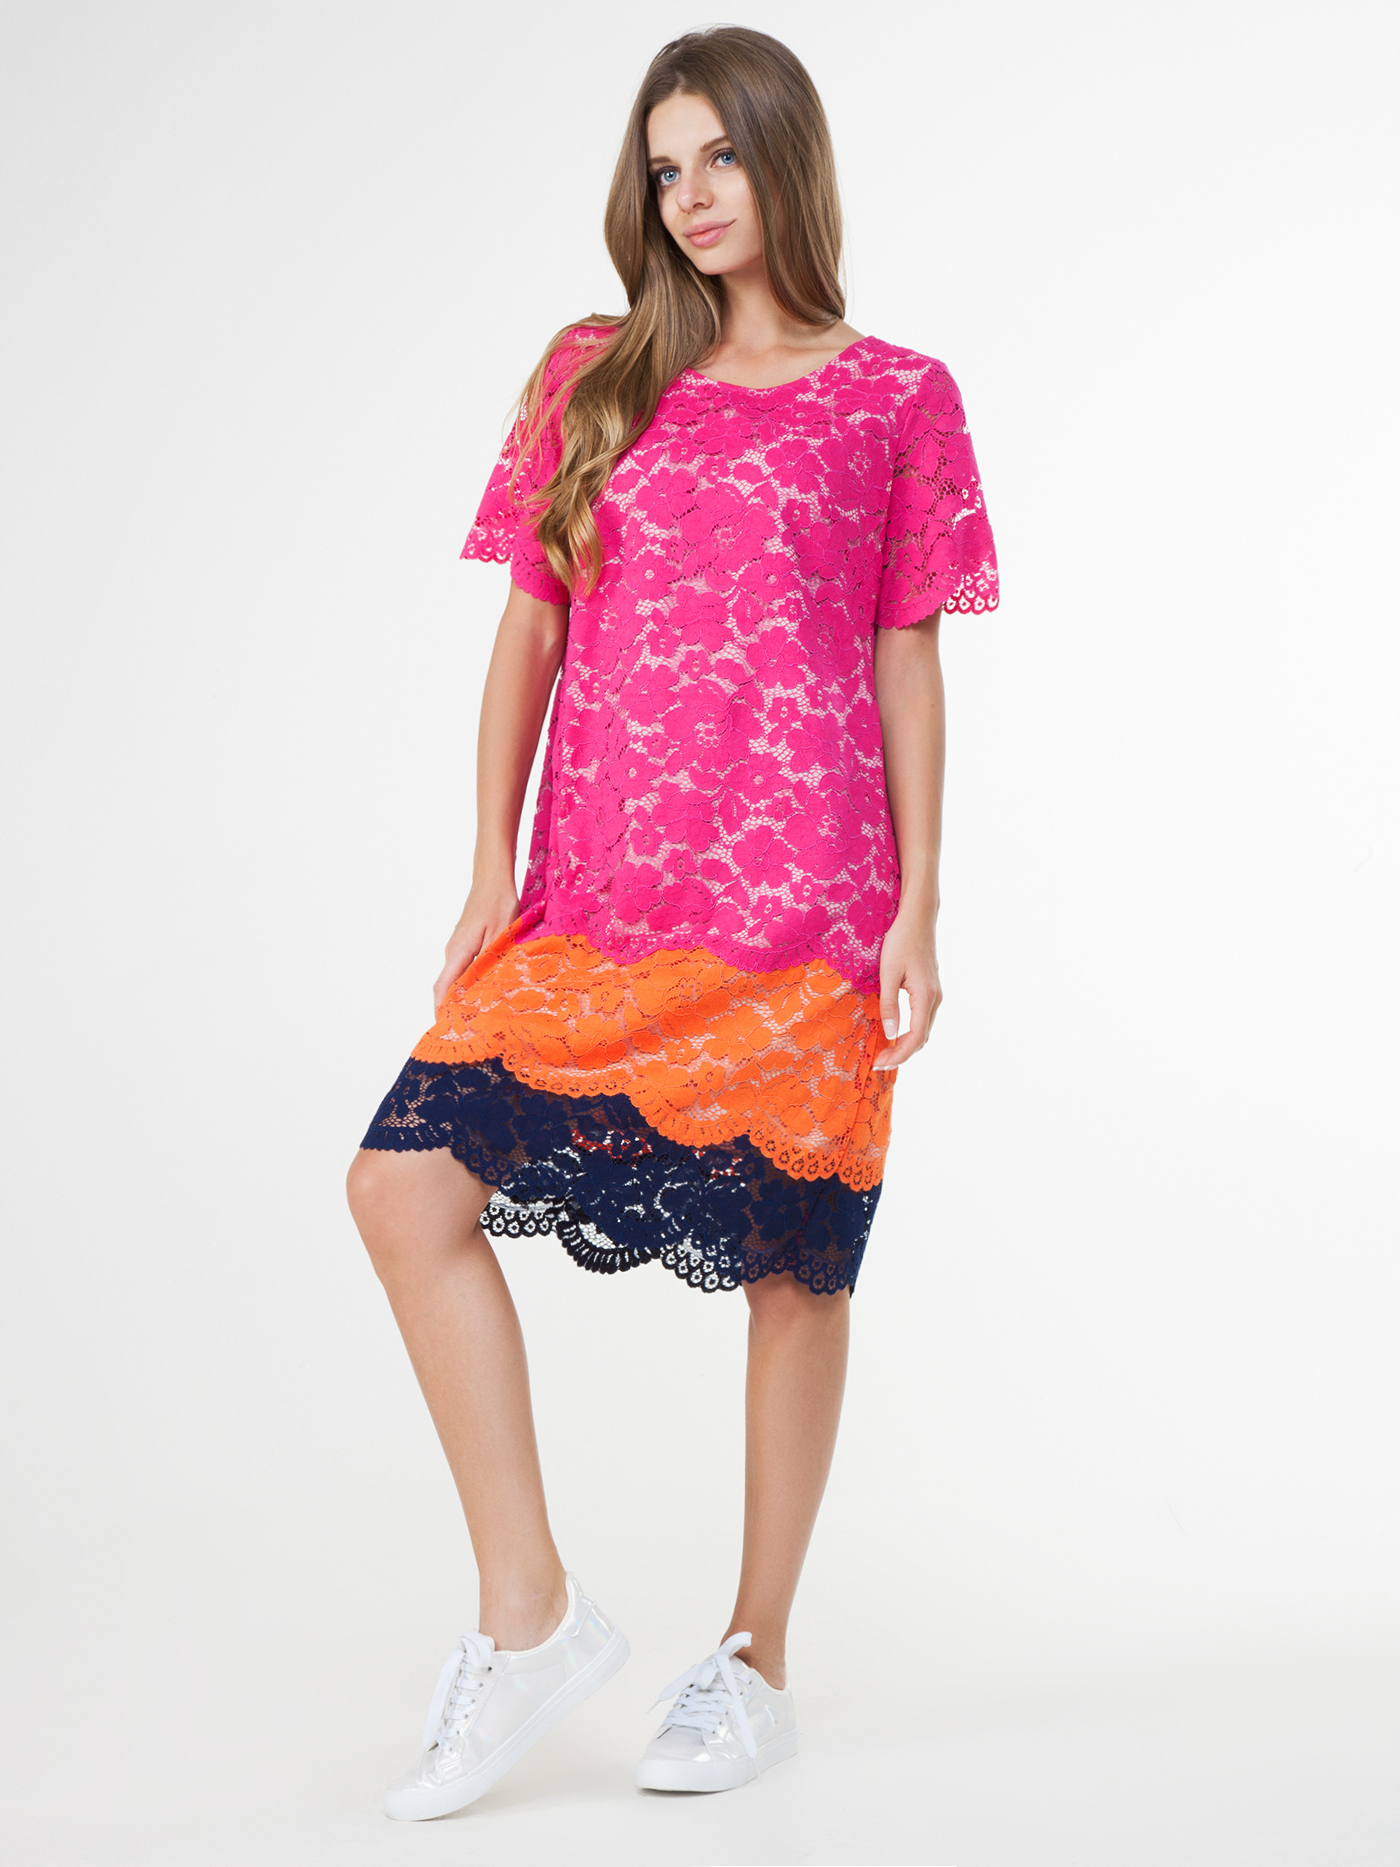 Платье croisette rosalia laceБюстье<br>платье<br><br>Цвет: Красный<br>Декор: Кружево<br>Стилистика: Без стилистики<br>Направление: Бюстье<br>Пол: Женский<br>Материал: 34% ПЭ; 29% ХЛОПОК; 19% ВИ; 16% ПА; 2% ЭЛ<br>Размер: 3